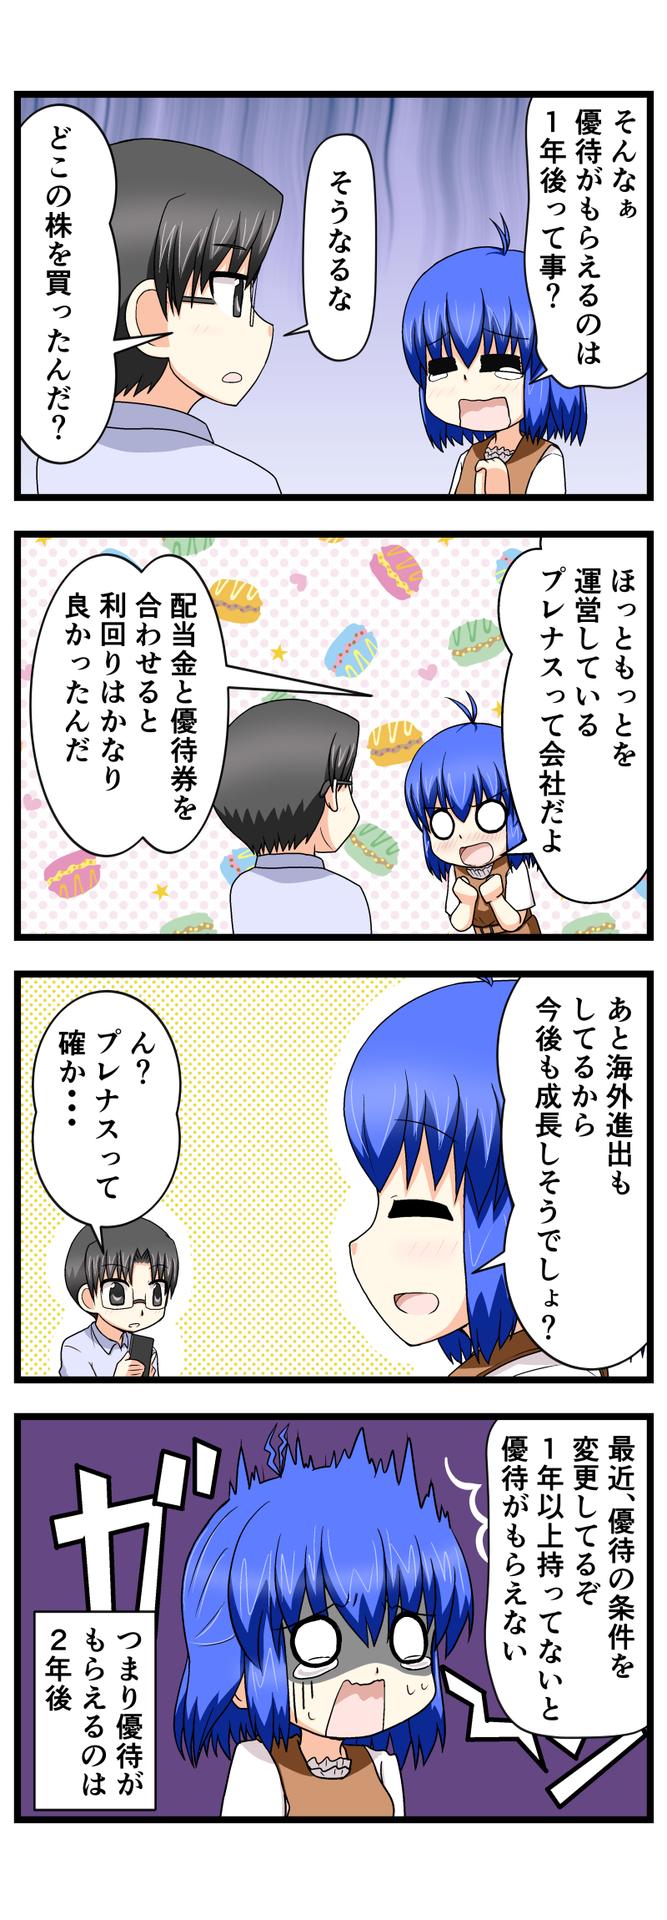 萌える株セミナー72.jpg